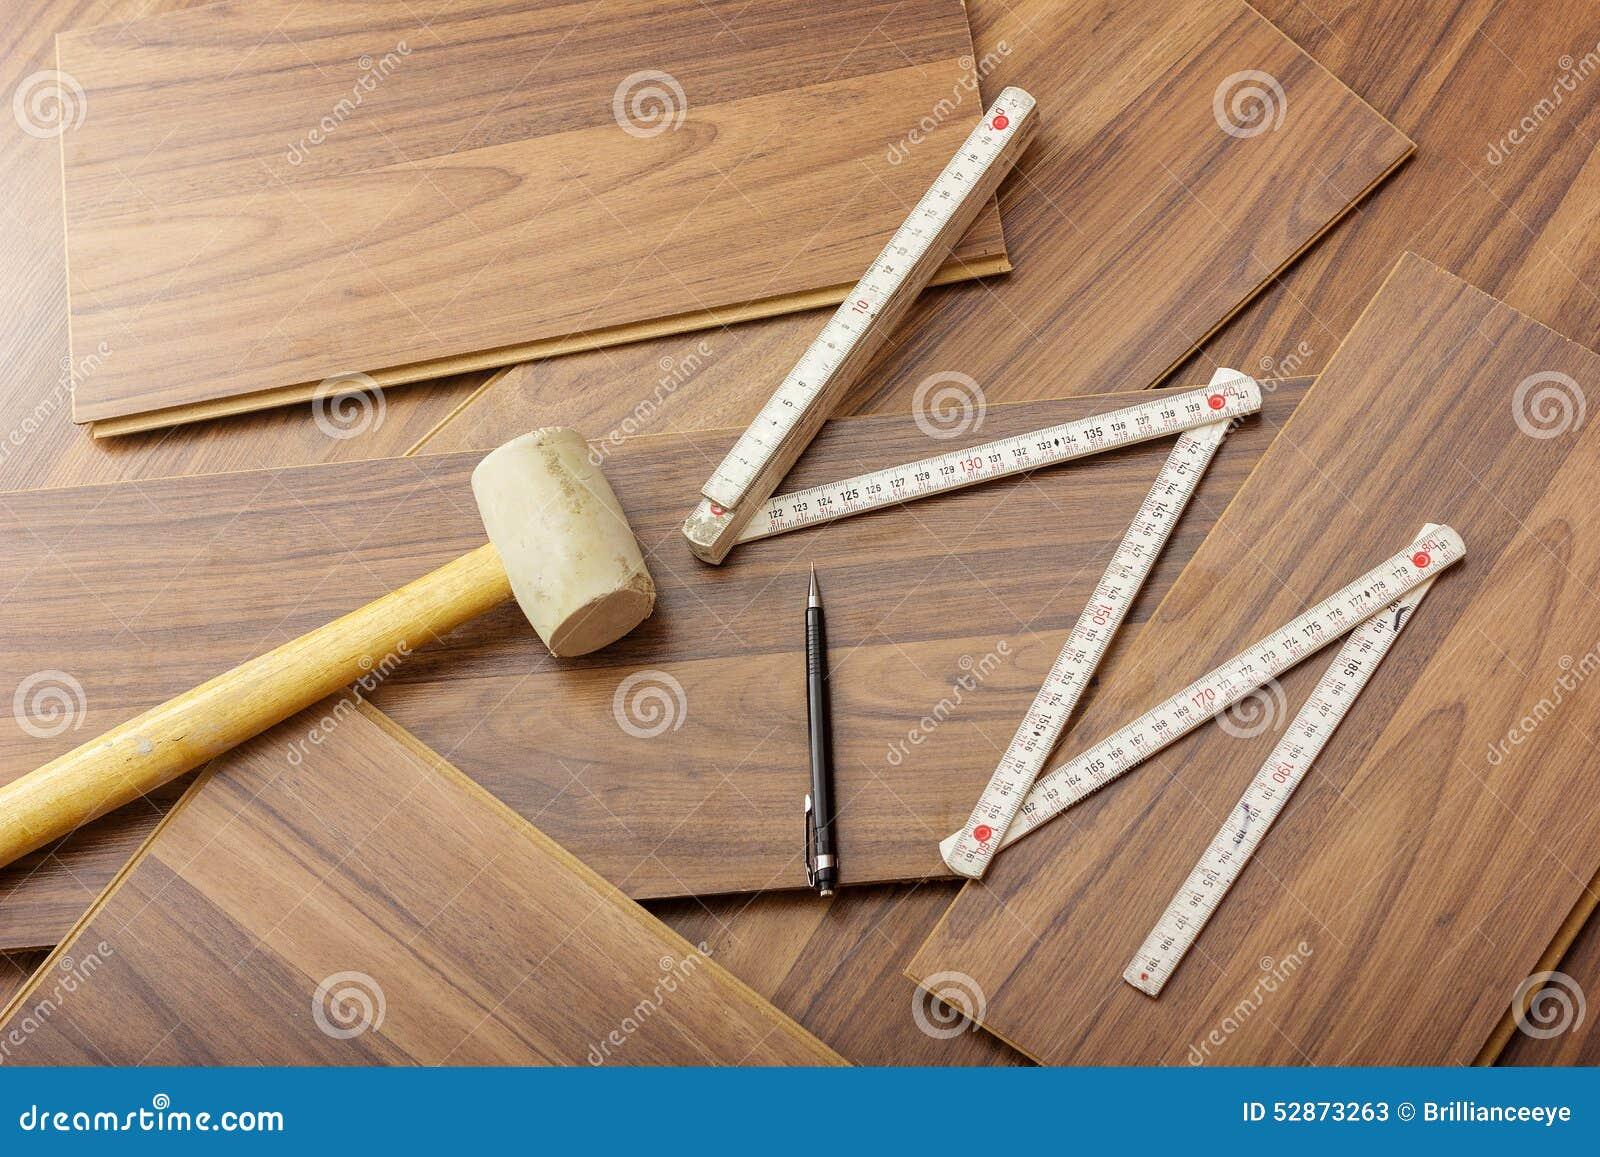 a poner la lamina en el piso de madera